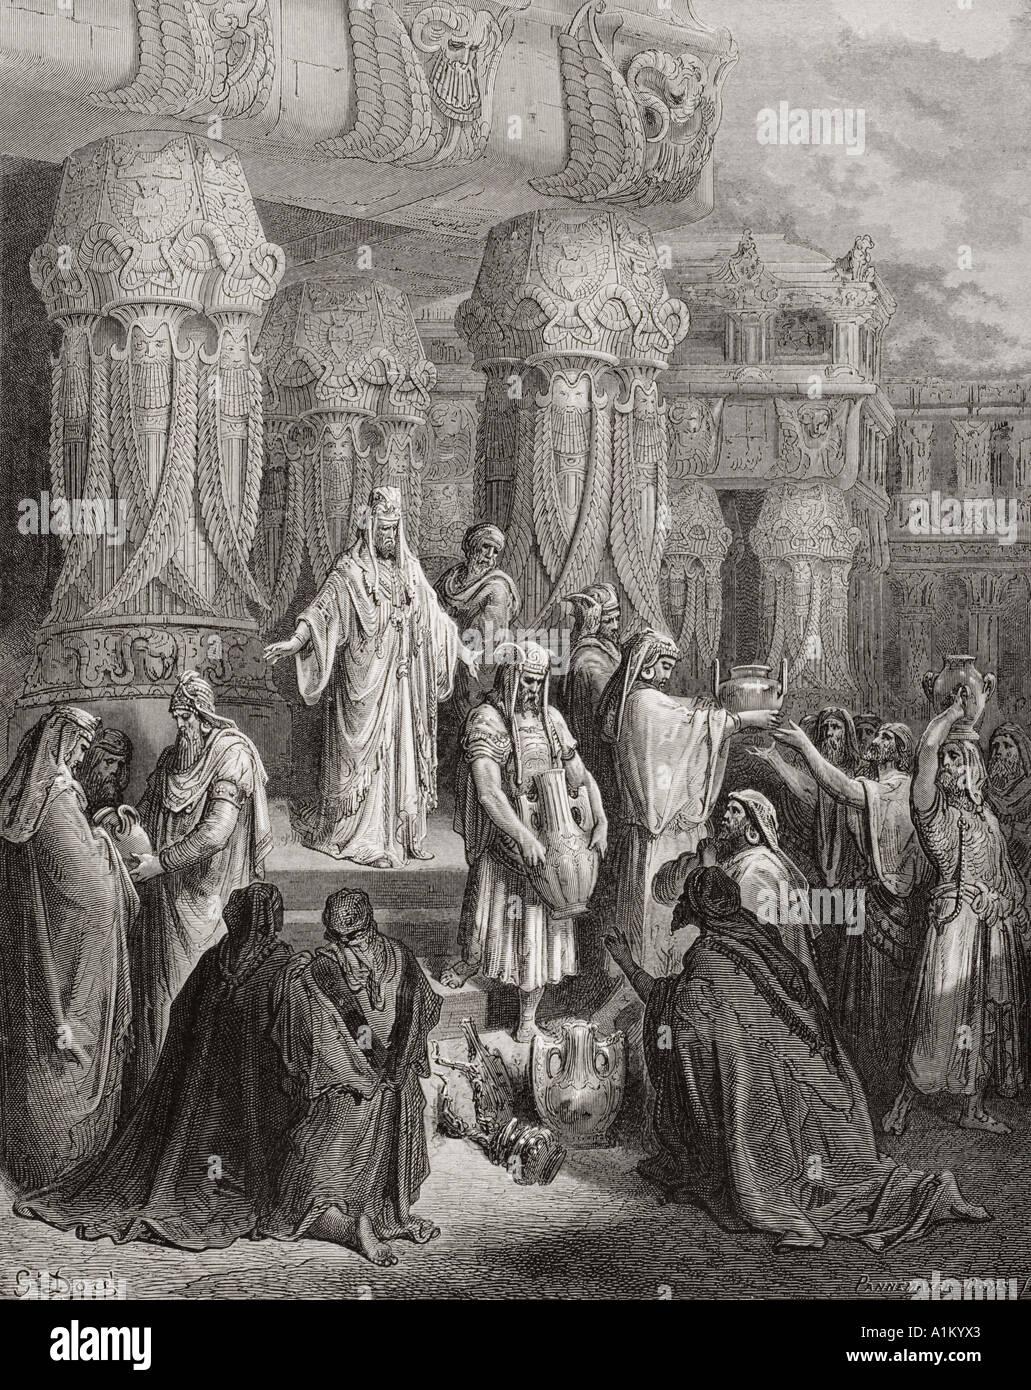 Gravure de la Dore illustrant la Bible Esdras j 7 à 11. Cyrus La restauration du Temple par les navires de l'Gustave Dore Banque D'Images